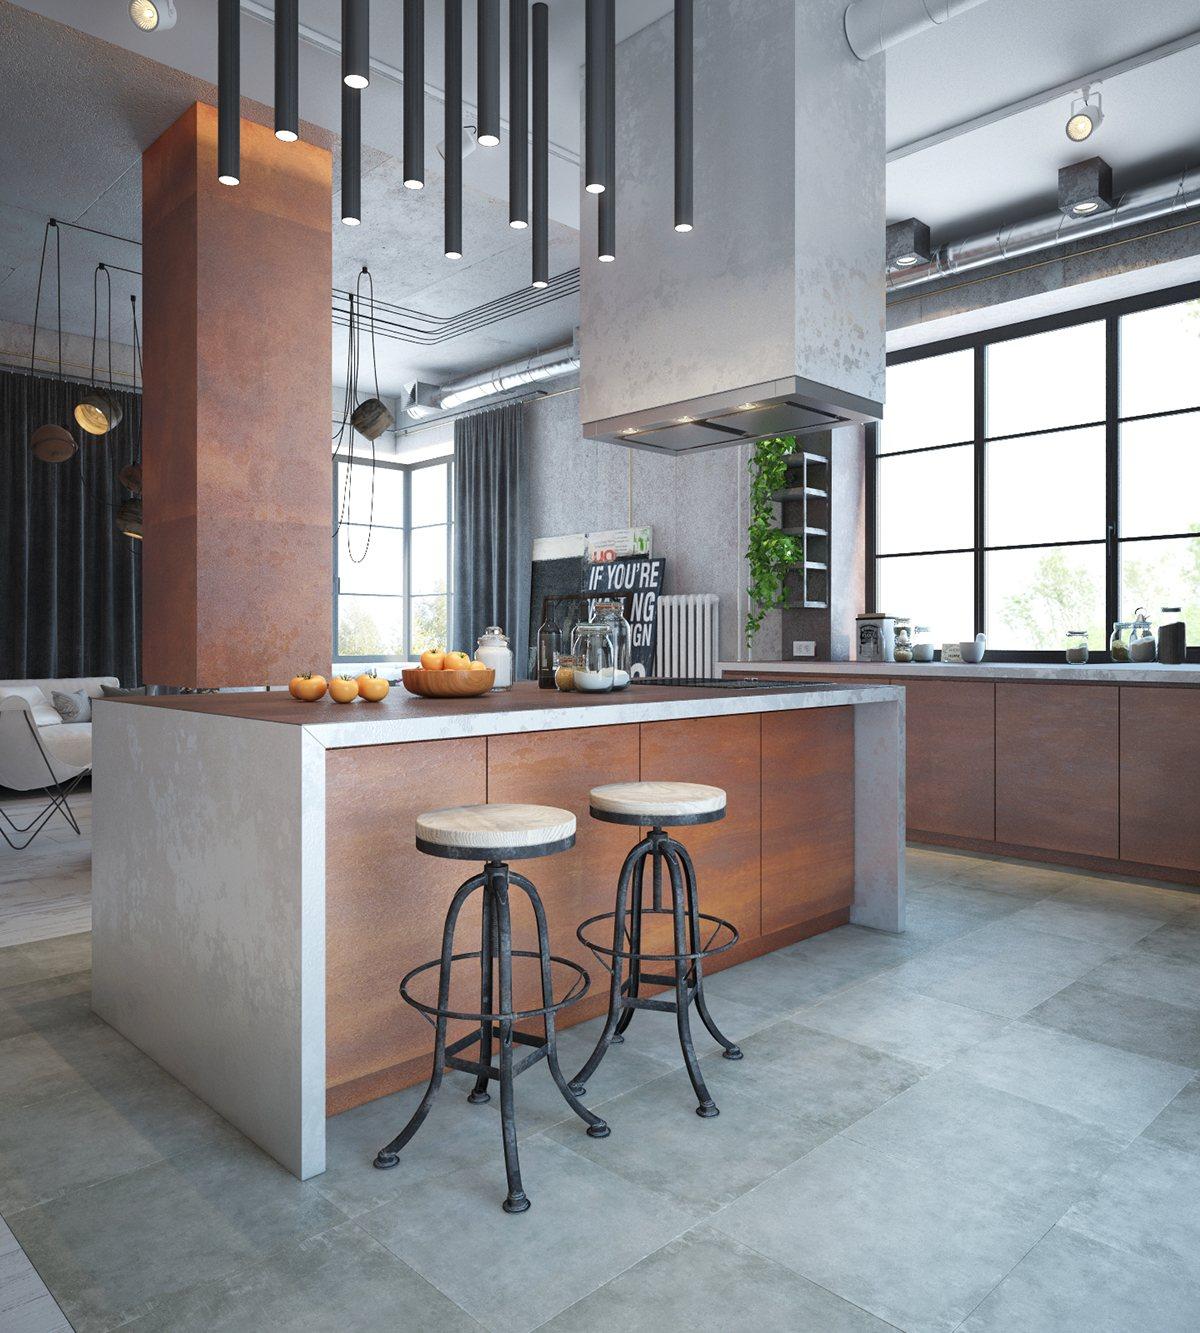 Industrial Styled Kitchens - Custom Homes Builders Geelong ...